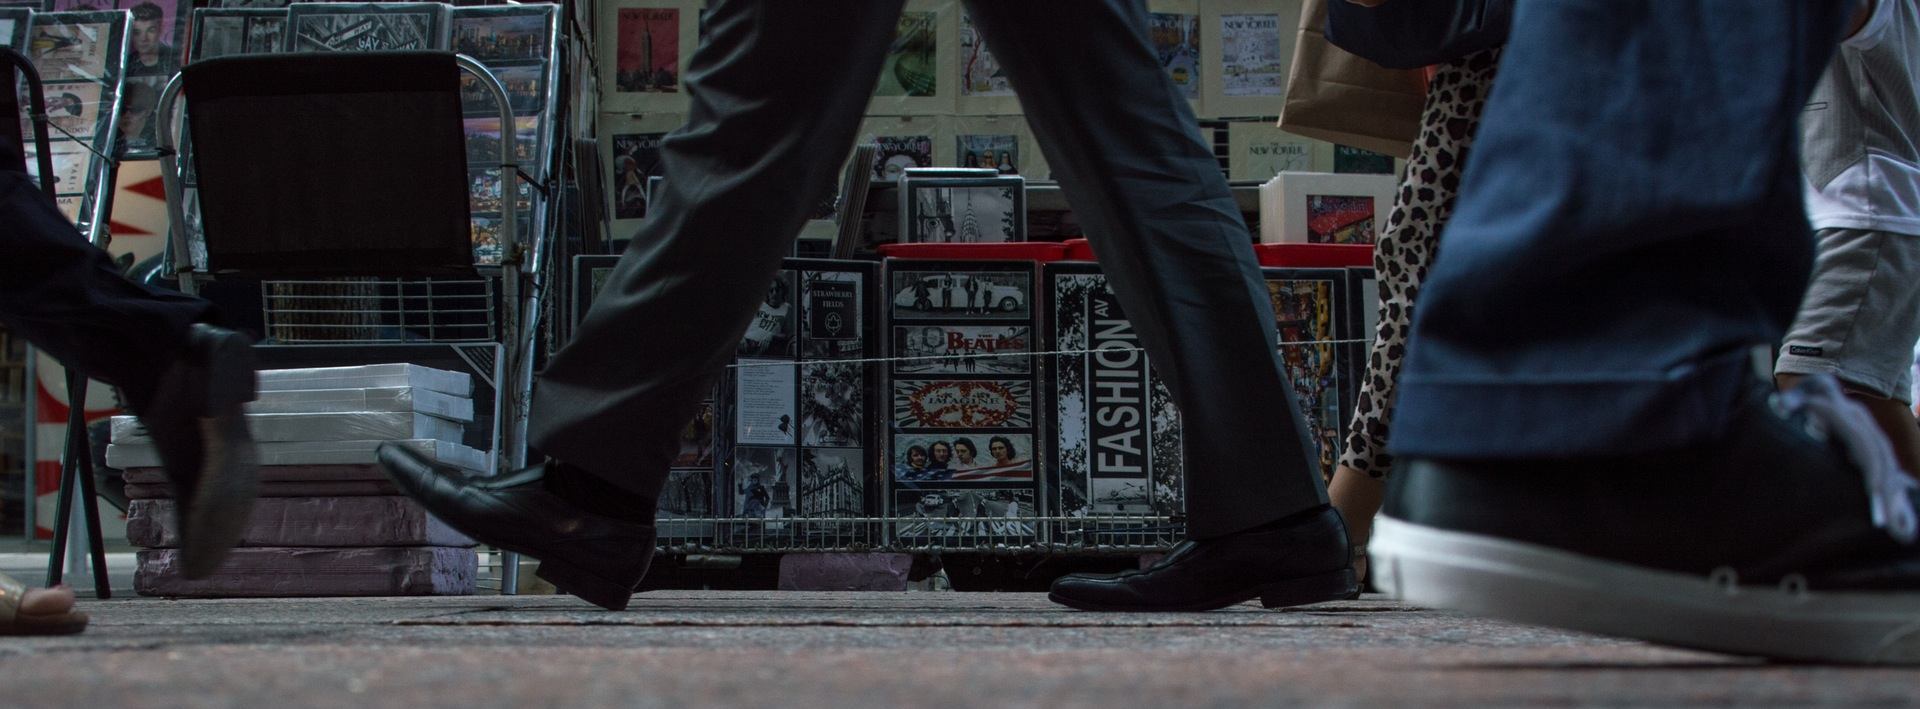 legt fest, Menschen, Füße, Beine, Straße, Schuhe, Geschäft - Wallpaper HD - Prof.-falken.com